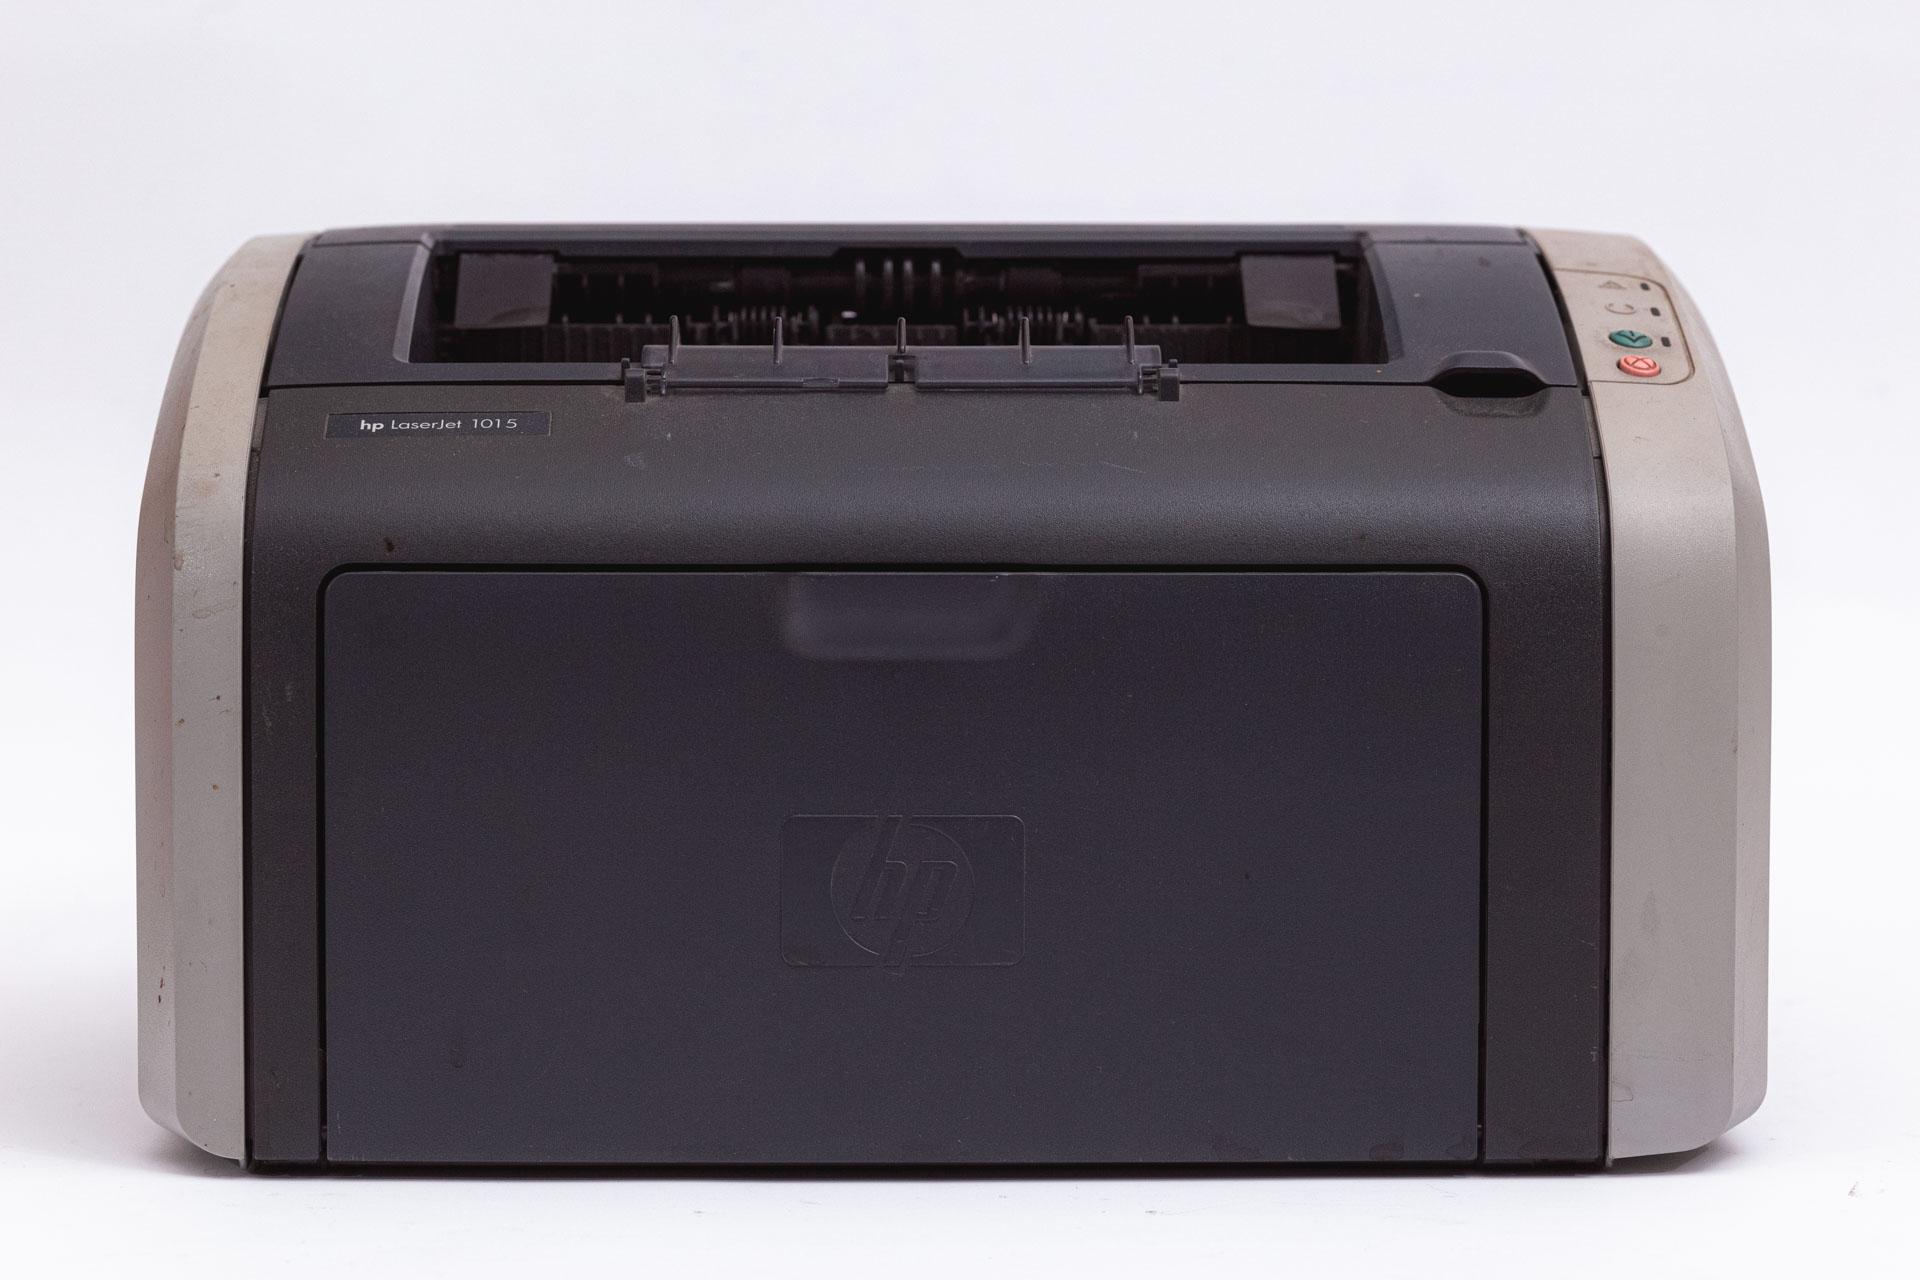 Nyomtass olcsón! 1015 HP LaserJet nyomtató